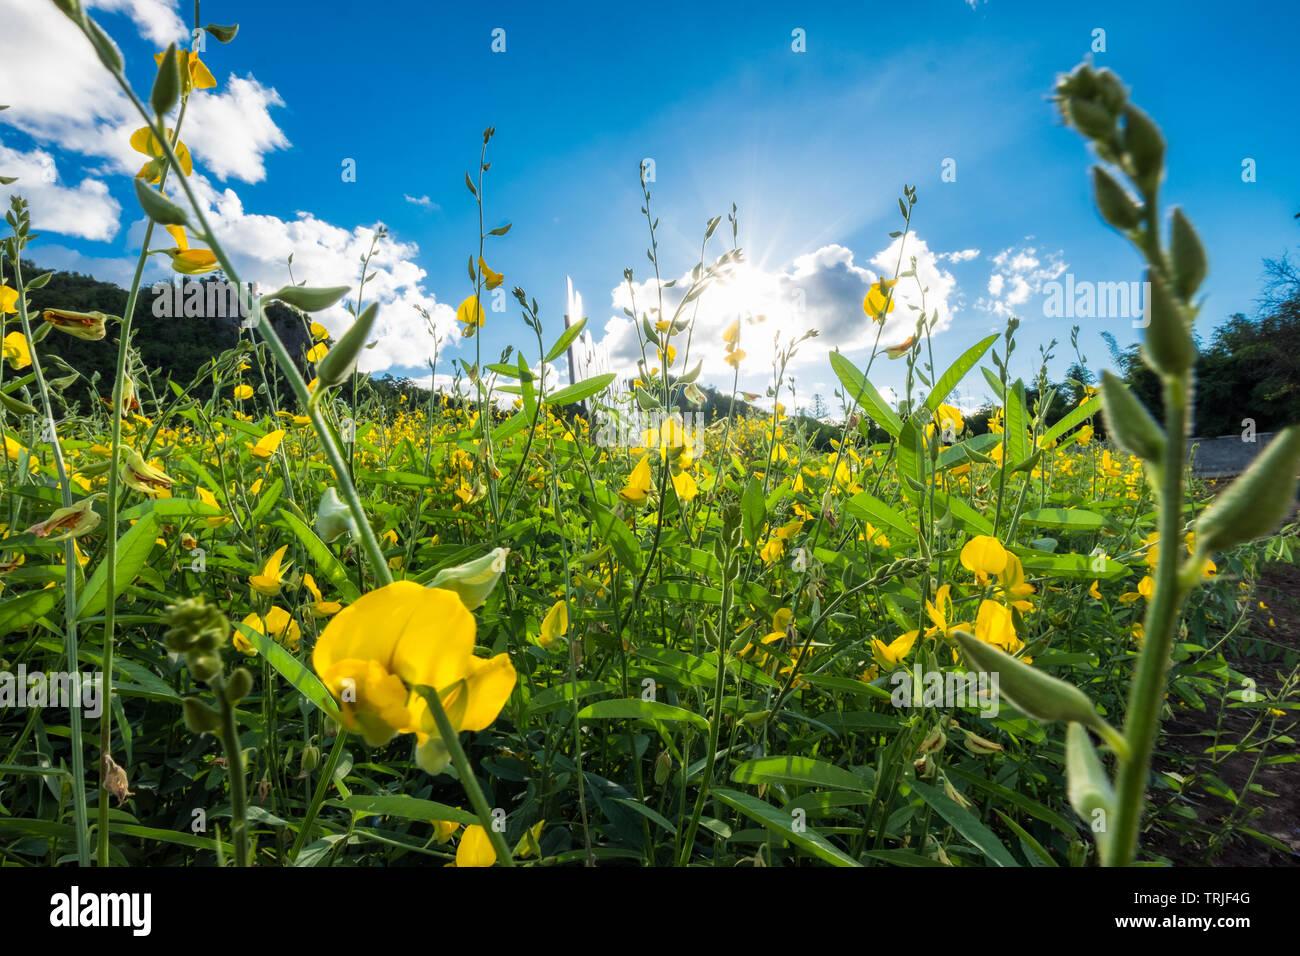 Close-up Sunn Hanf, Chanvre Indien, CROTALARIA JUNCEA gelbe Blüten im Feld mit Sonnenlicht glänzen Stockbild